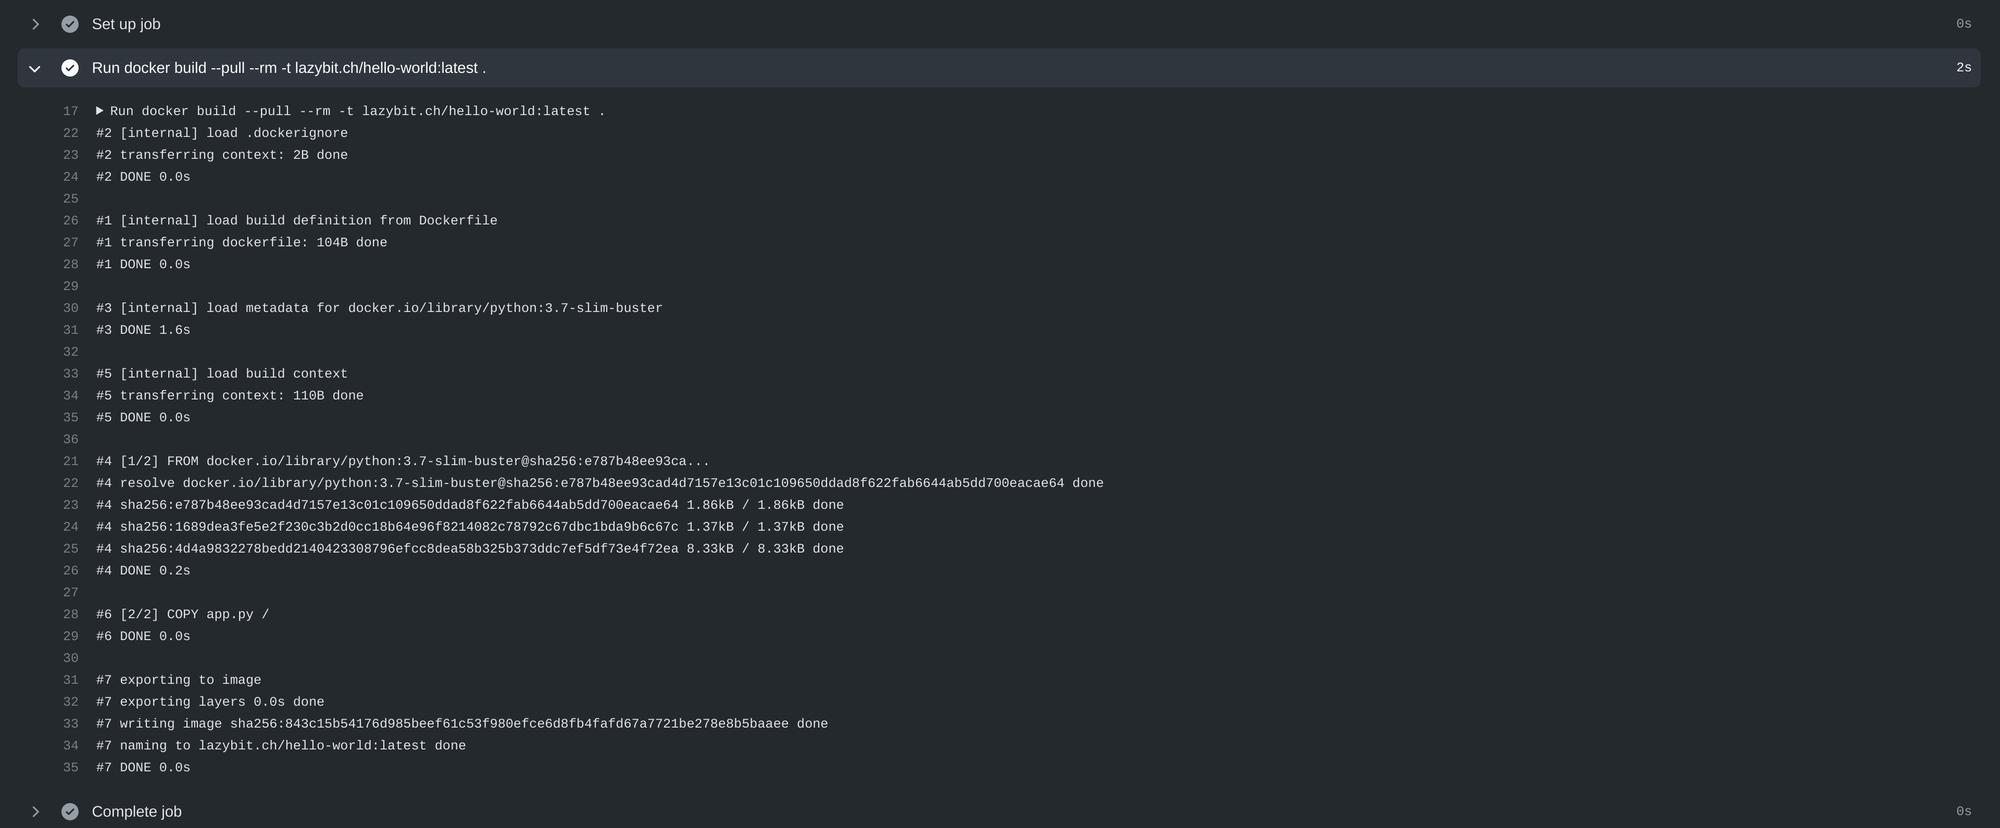 docker_build